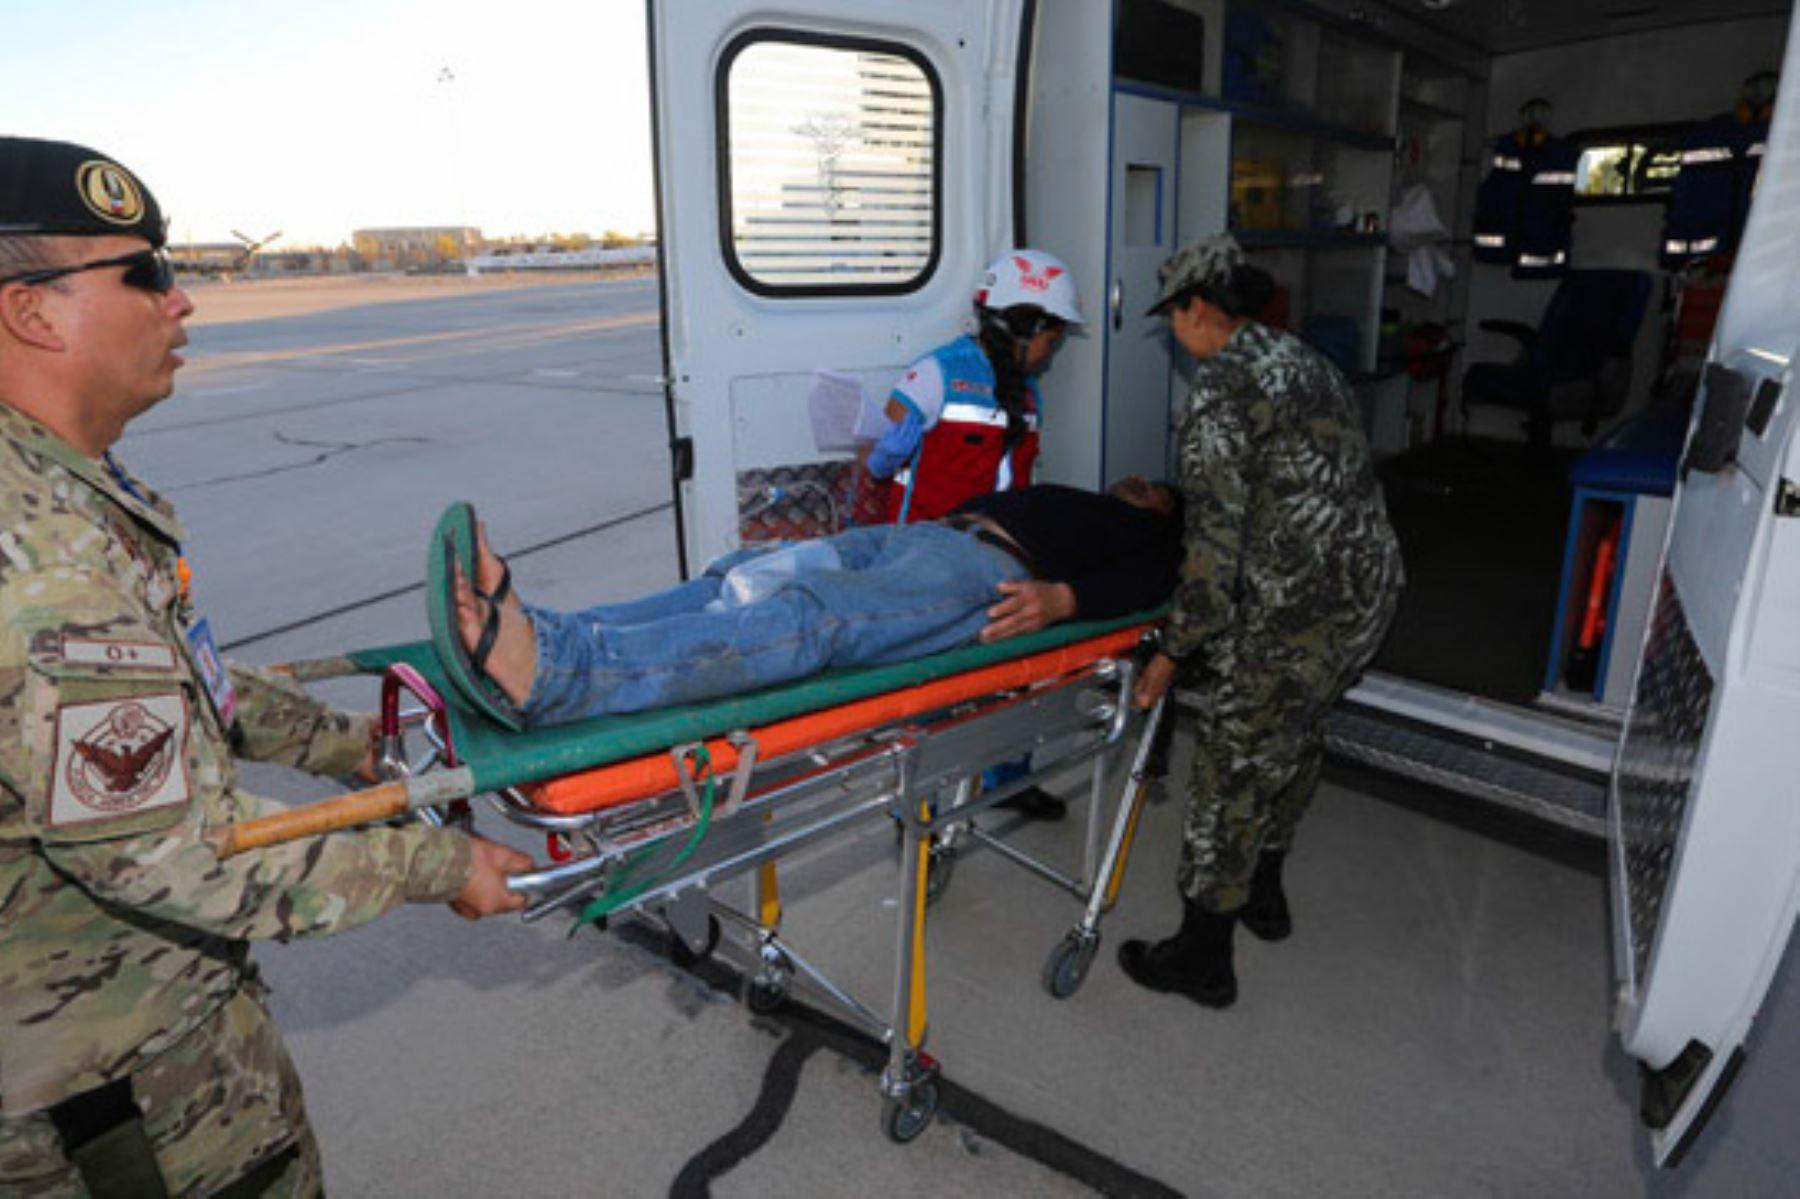 Trasladan a Lima a pacientes intoxicado en Ayacucho. Foto: Andina/Difusión